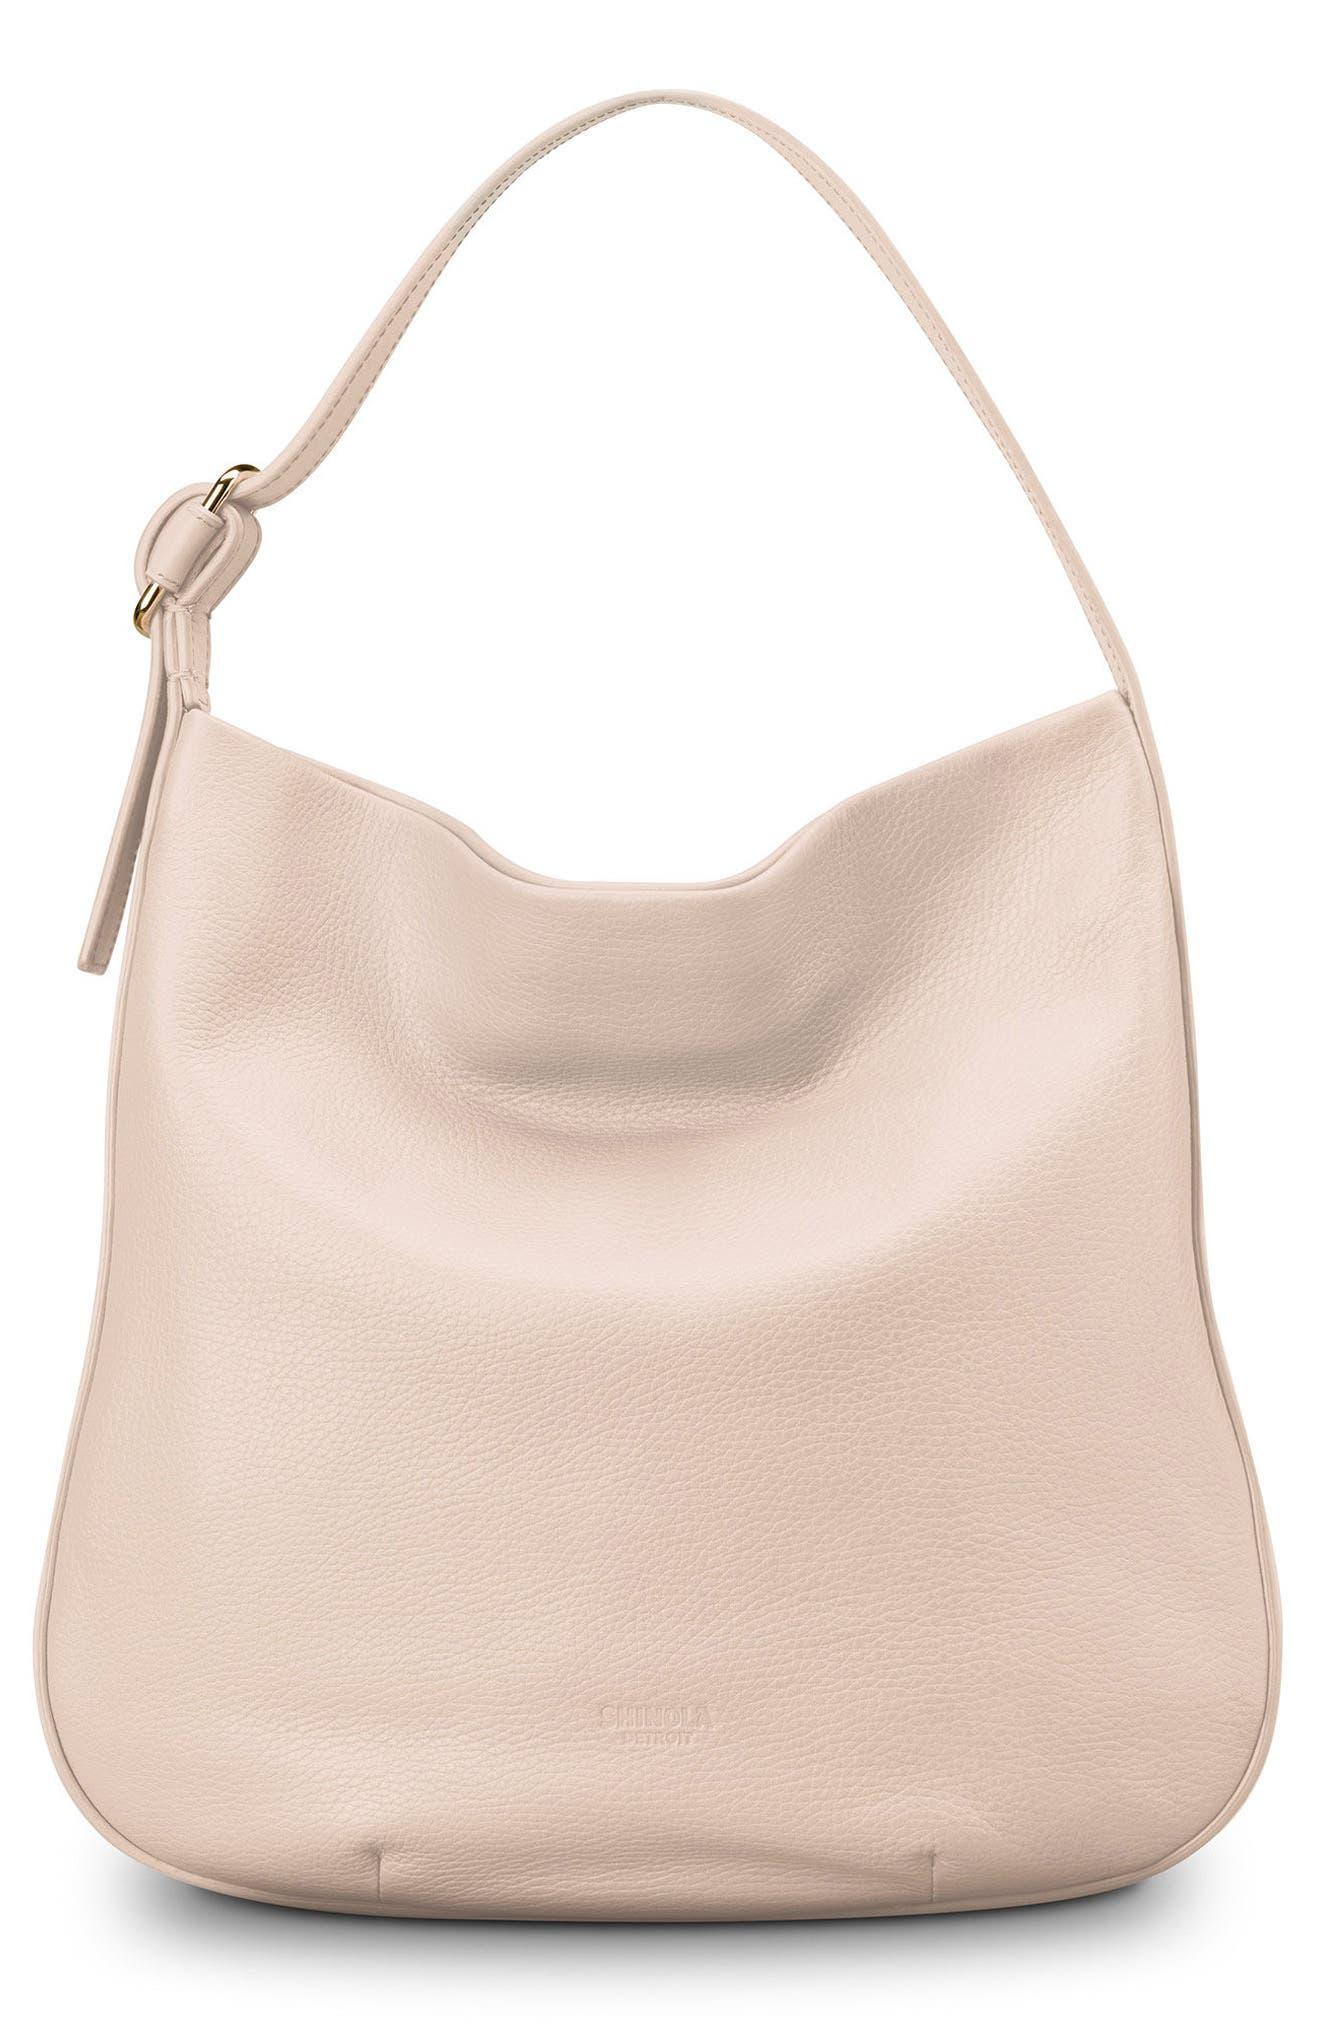 Shinola Birdy Grained Leather Hobo Bag